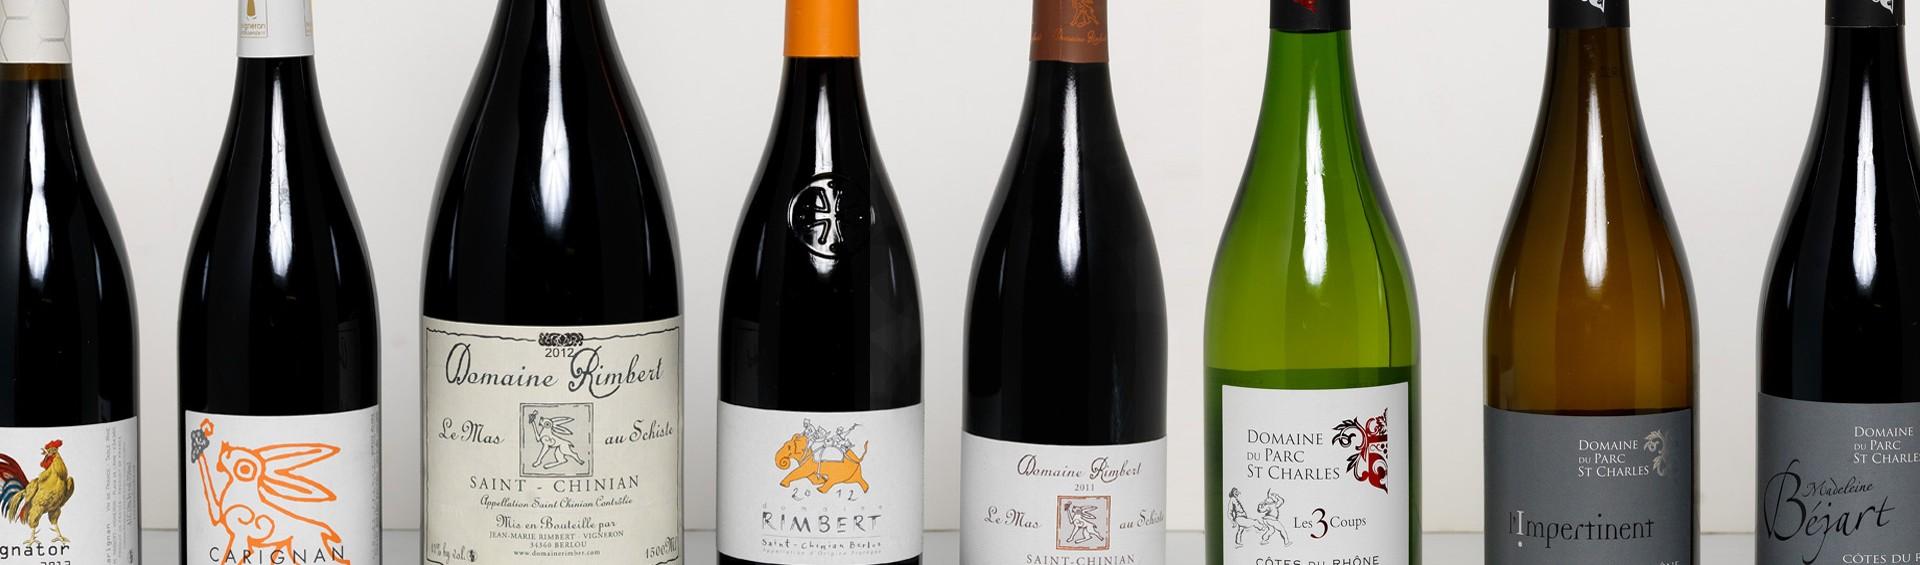 cave à vin - Le coq gourmand - nos vins et spiritueux